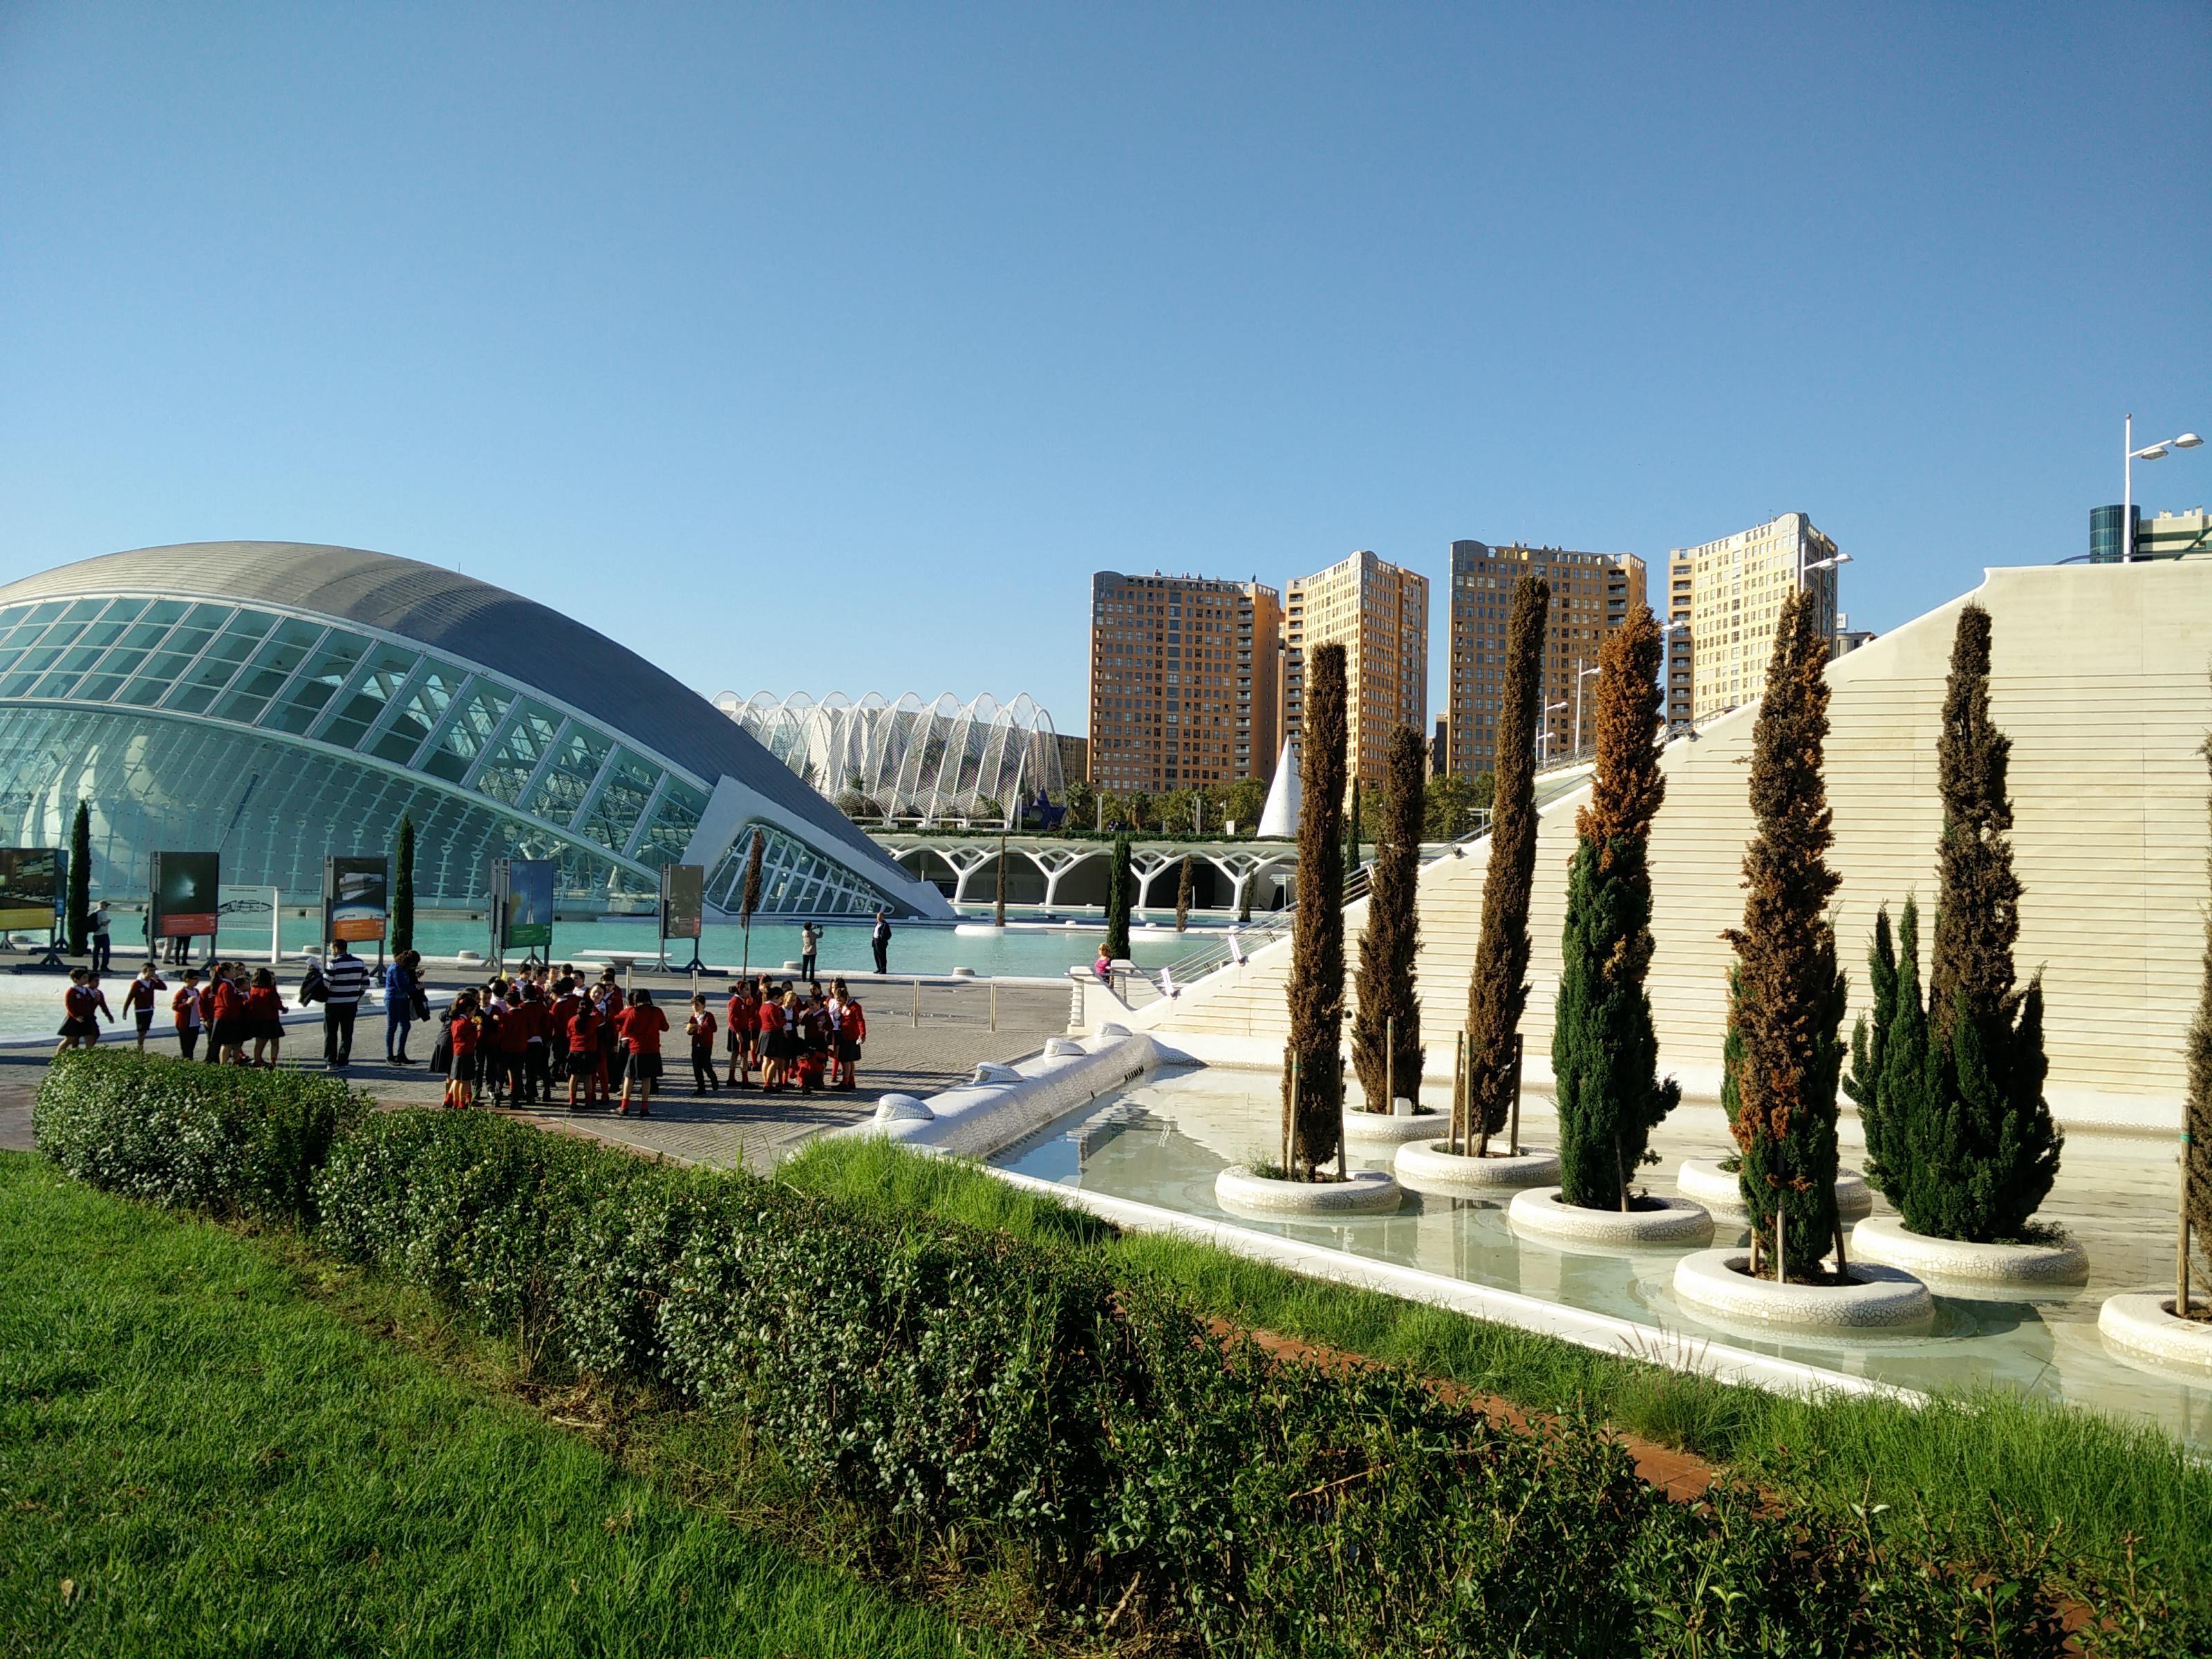 Viaggio da sola a Valencia: cosa vedere in 3 giorni